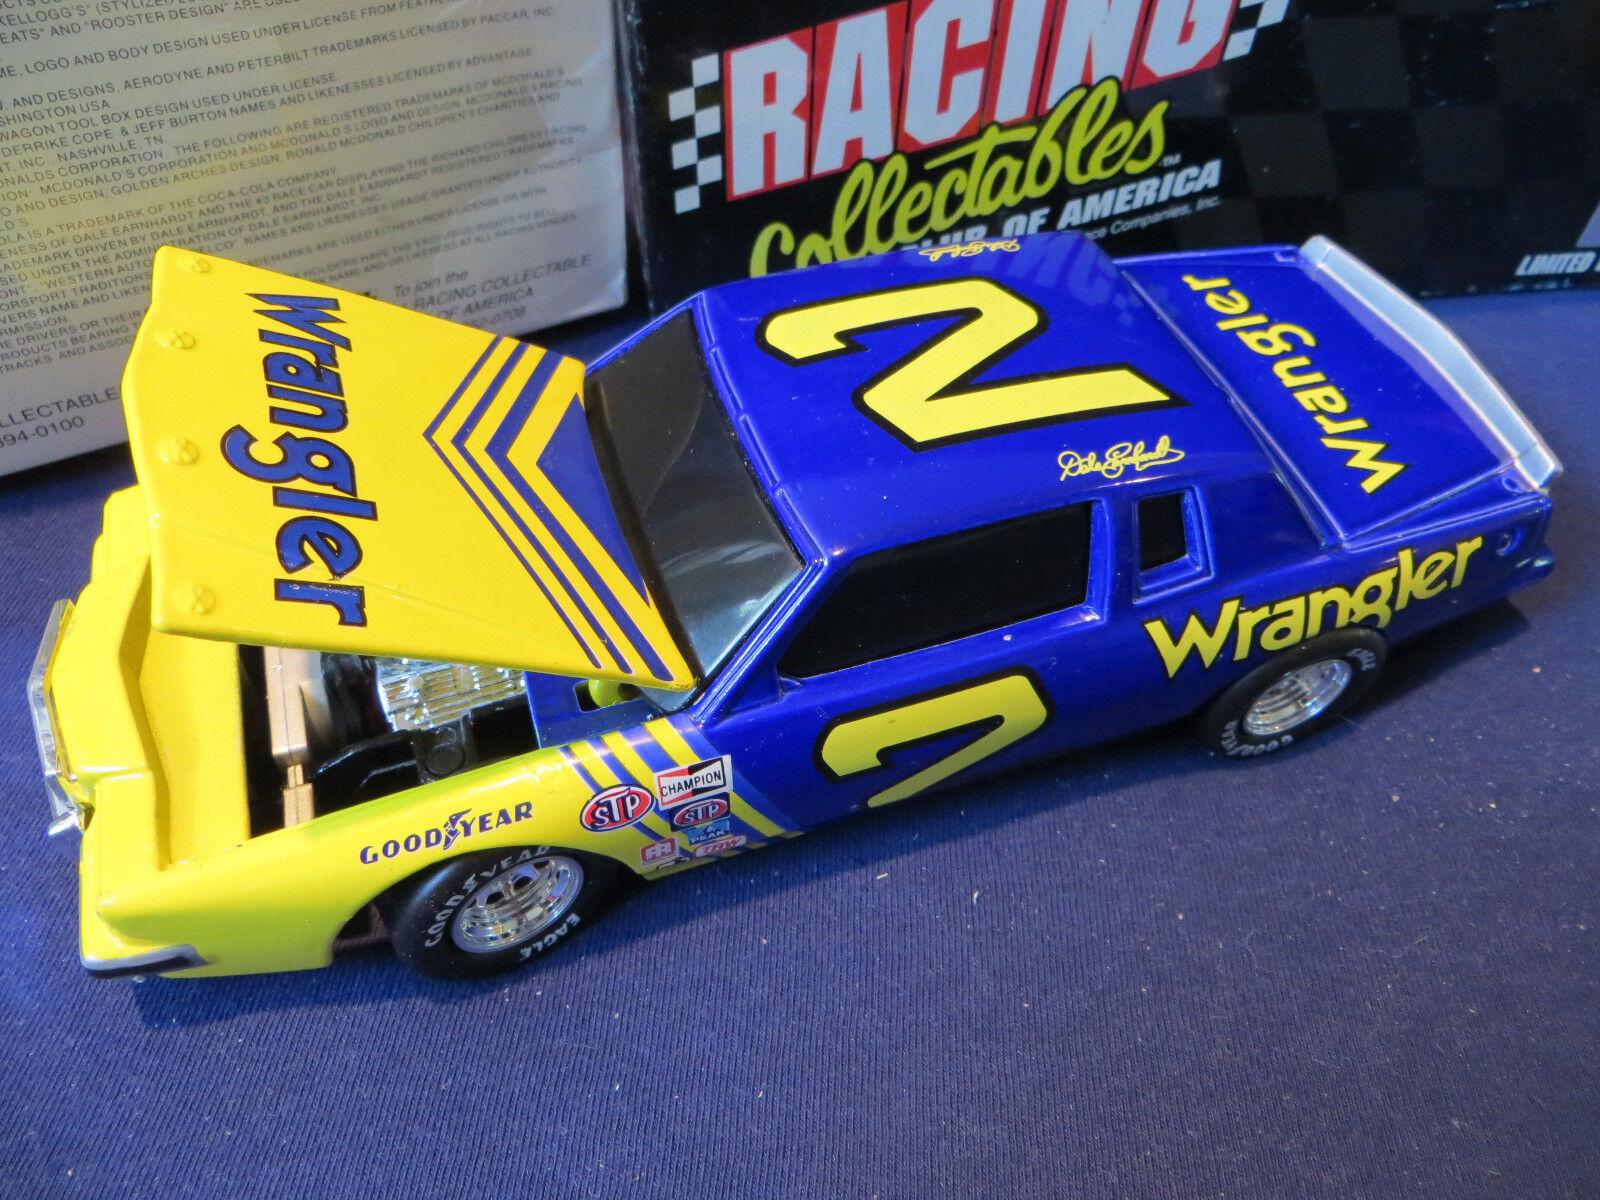 Dale Earnhardt 1981 Pontiac Grand Prix Wrangler Wrangler Wrangler 1 24 RCCA BWB Club ORIGINAL 1995 d4331f